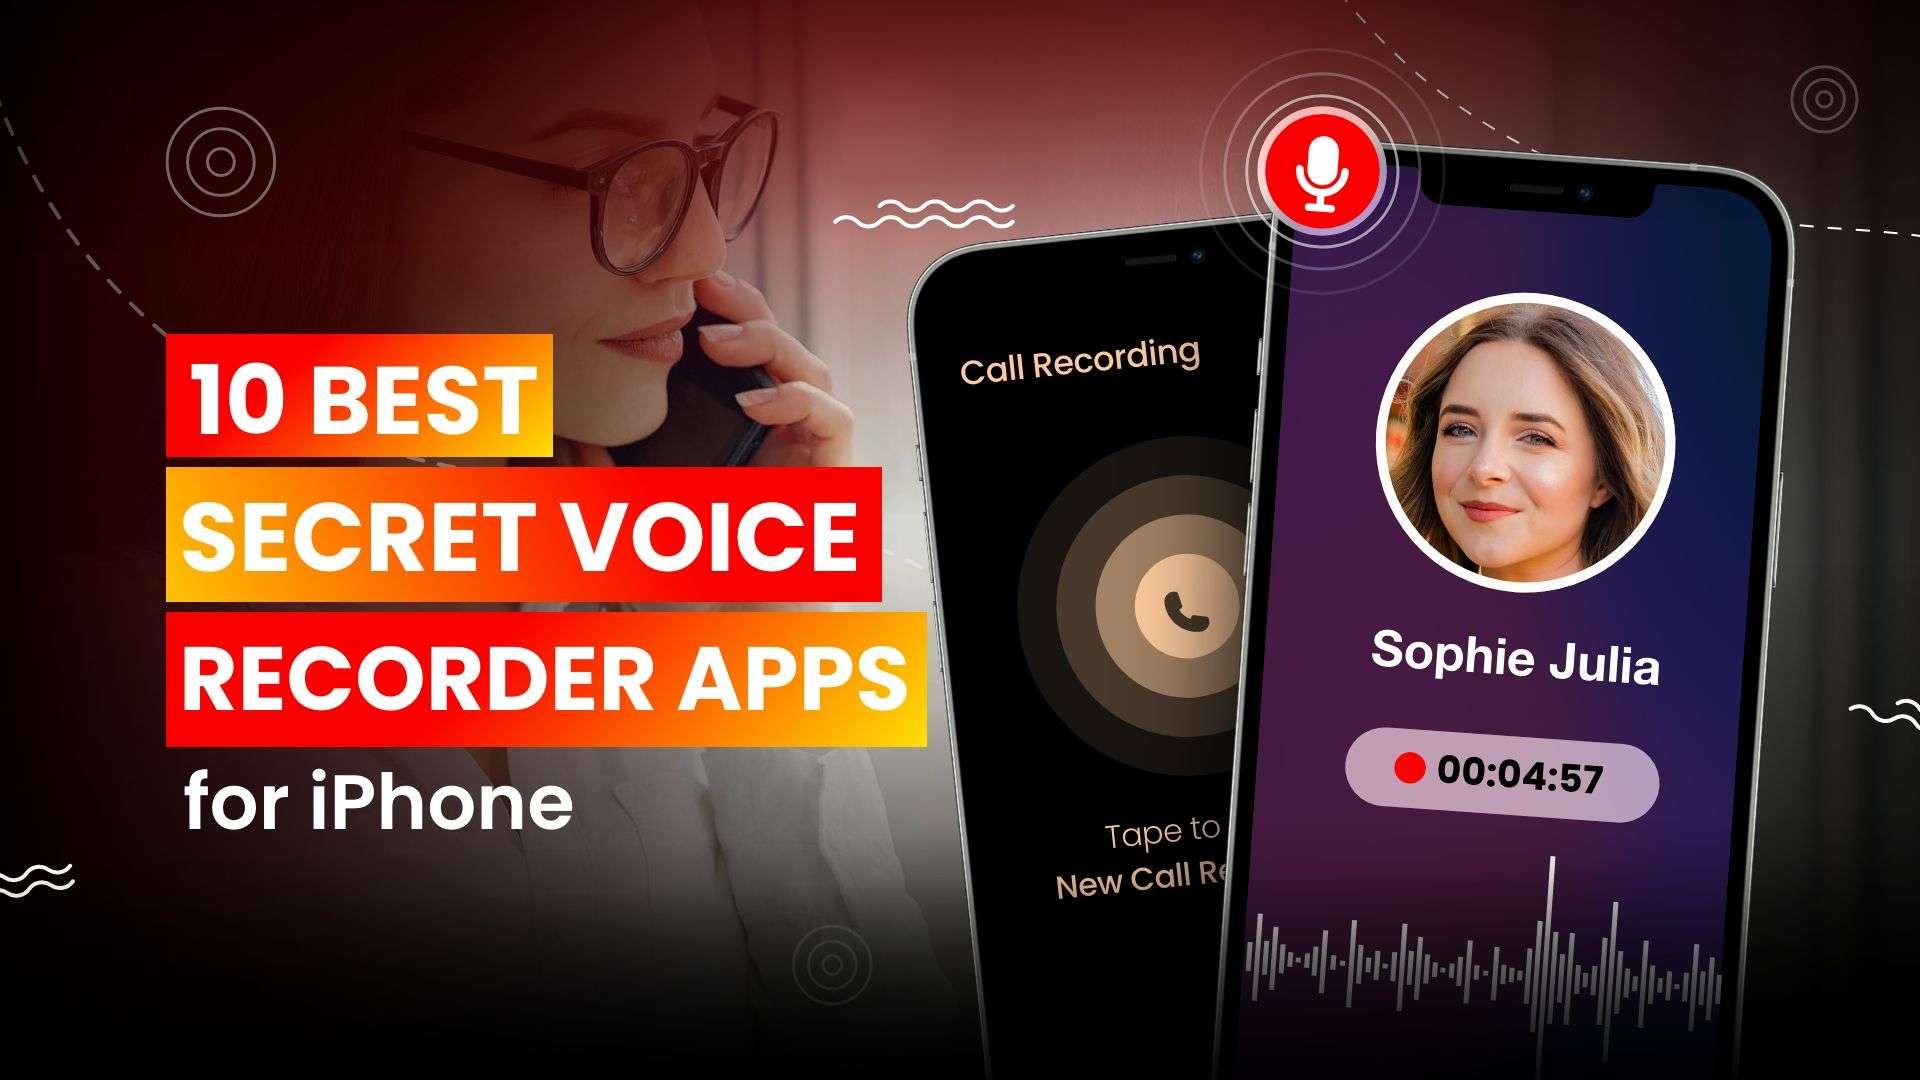 secret voice recorder app